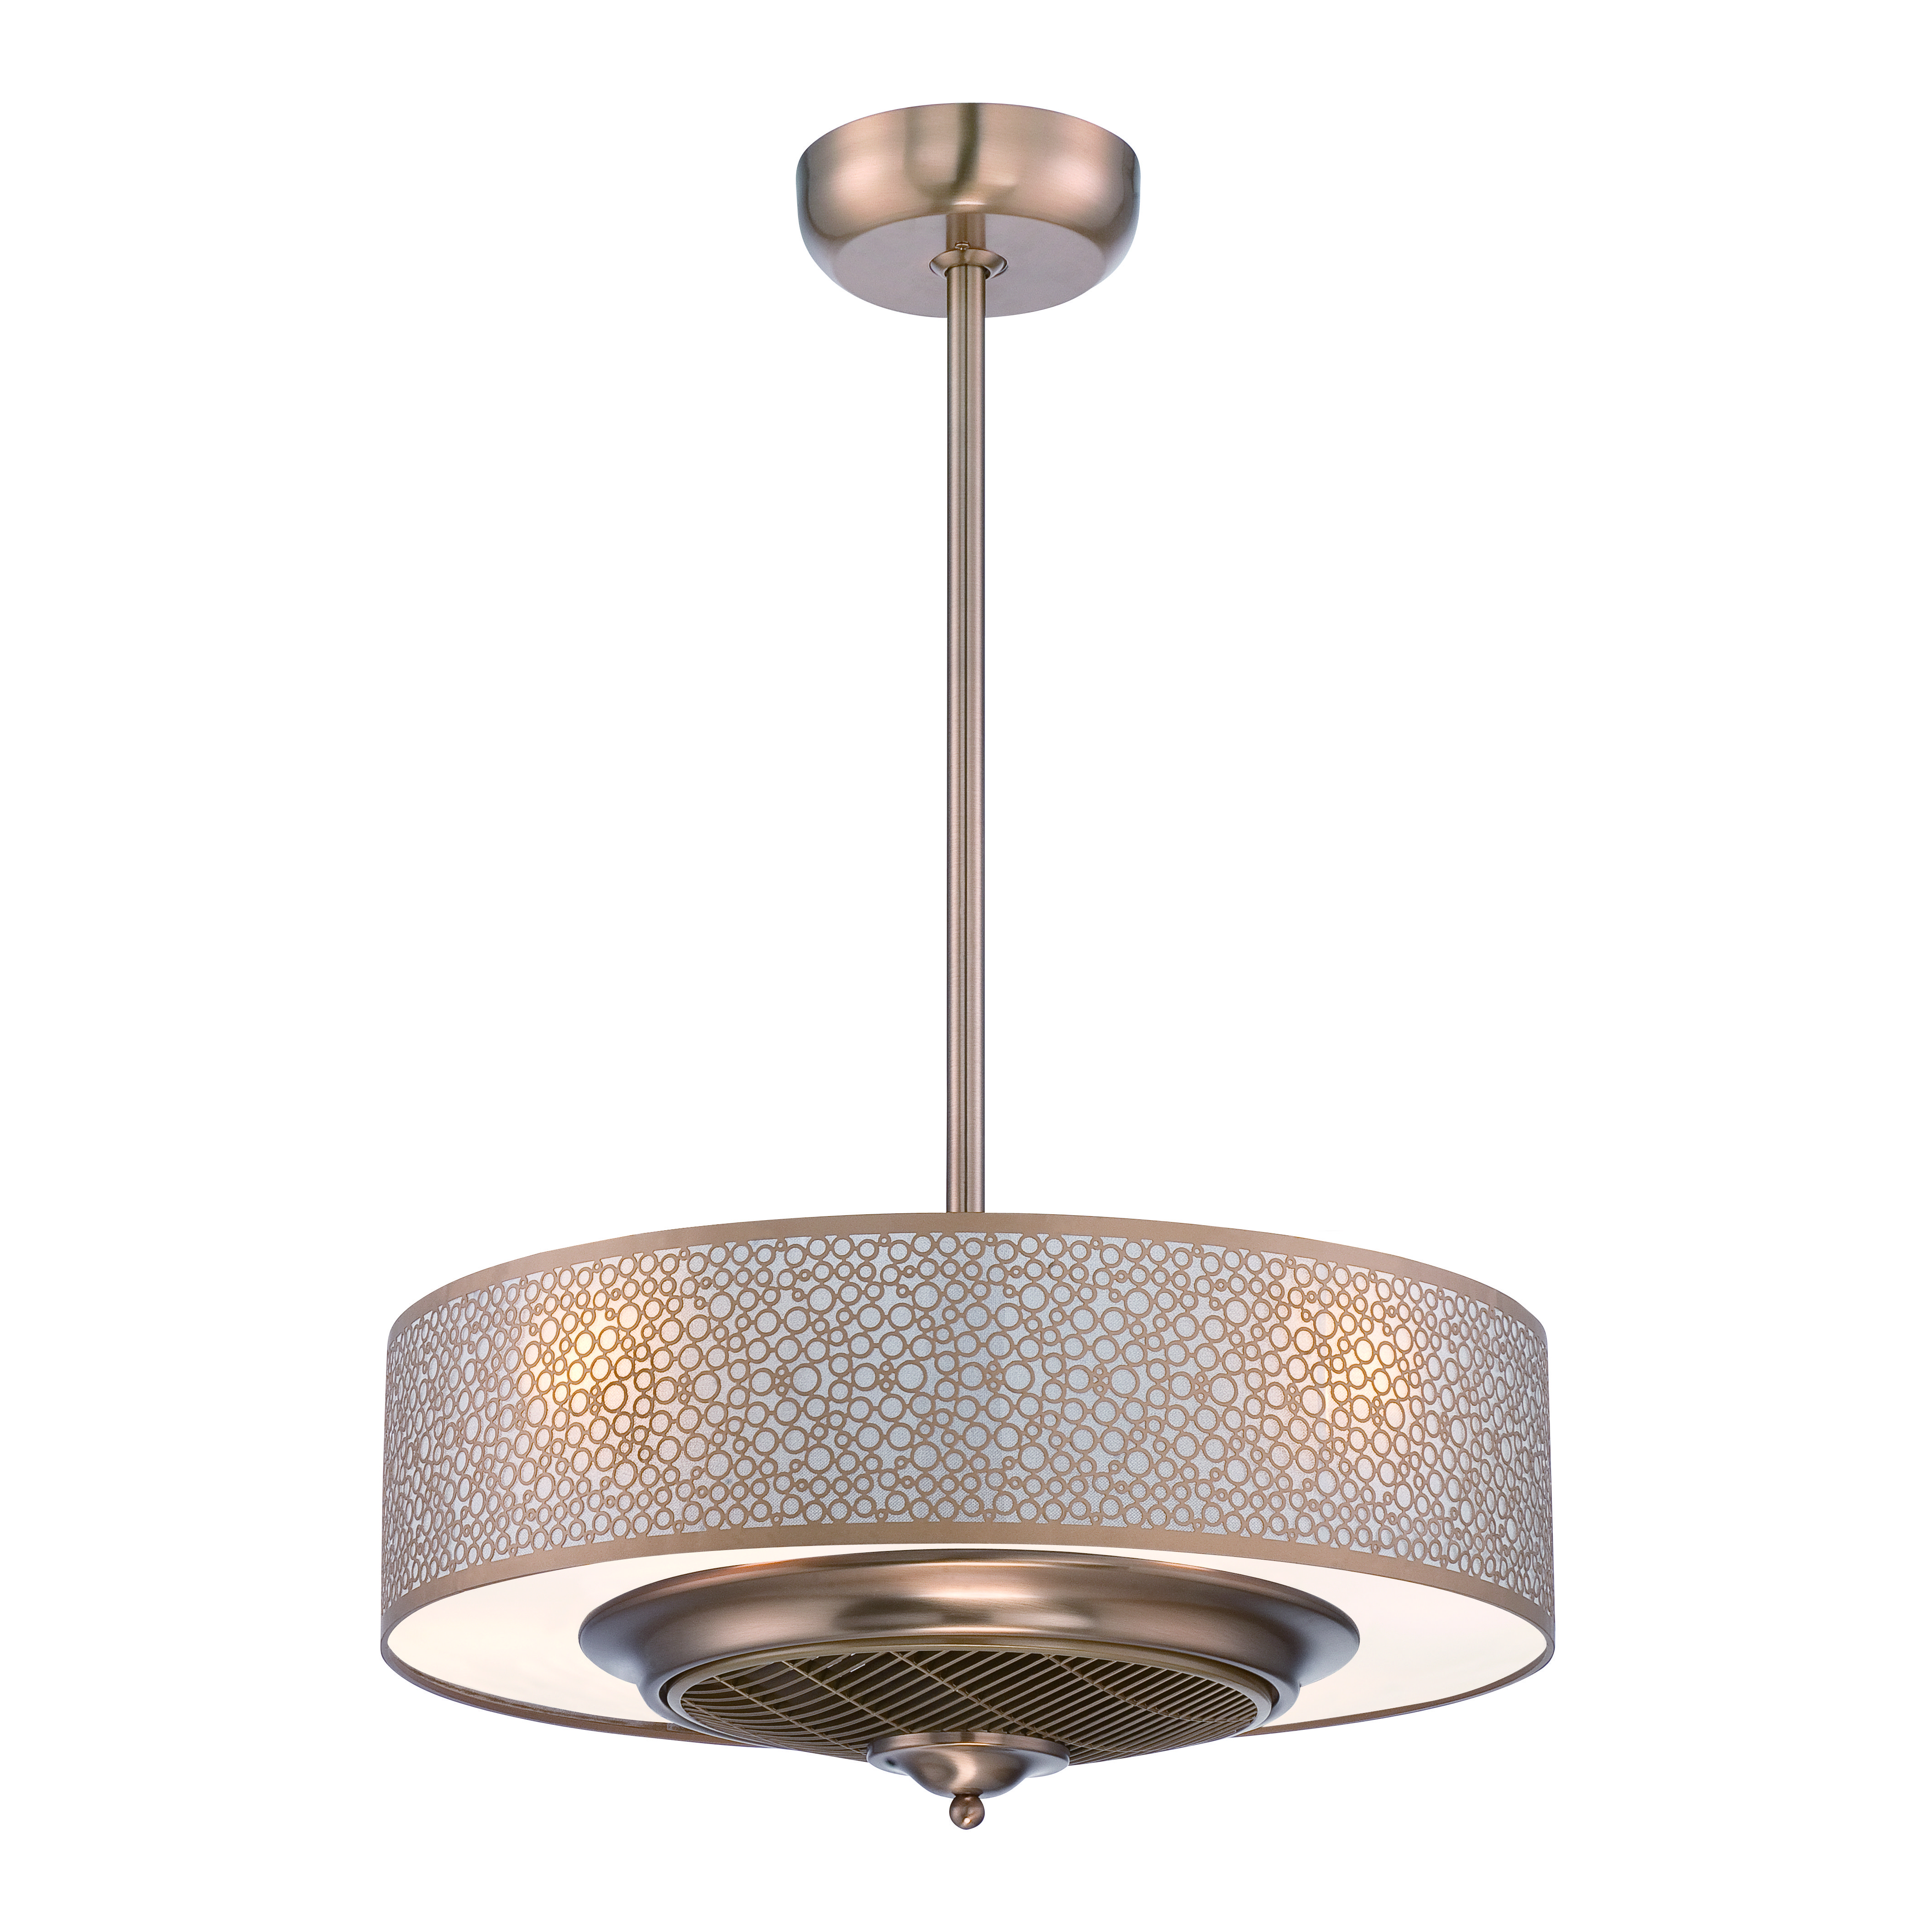 Four Light Ceiling Fan Master bedroom lighting, Ceiling